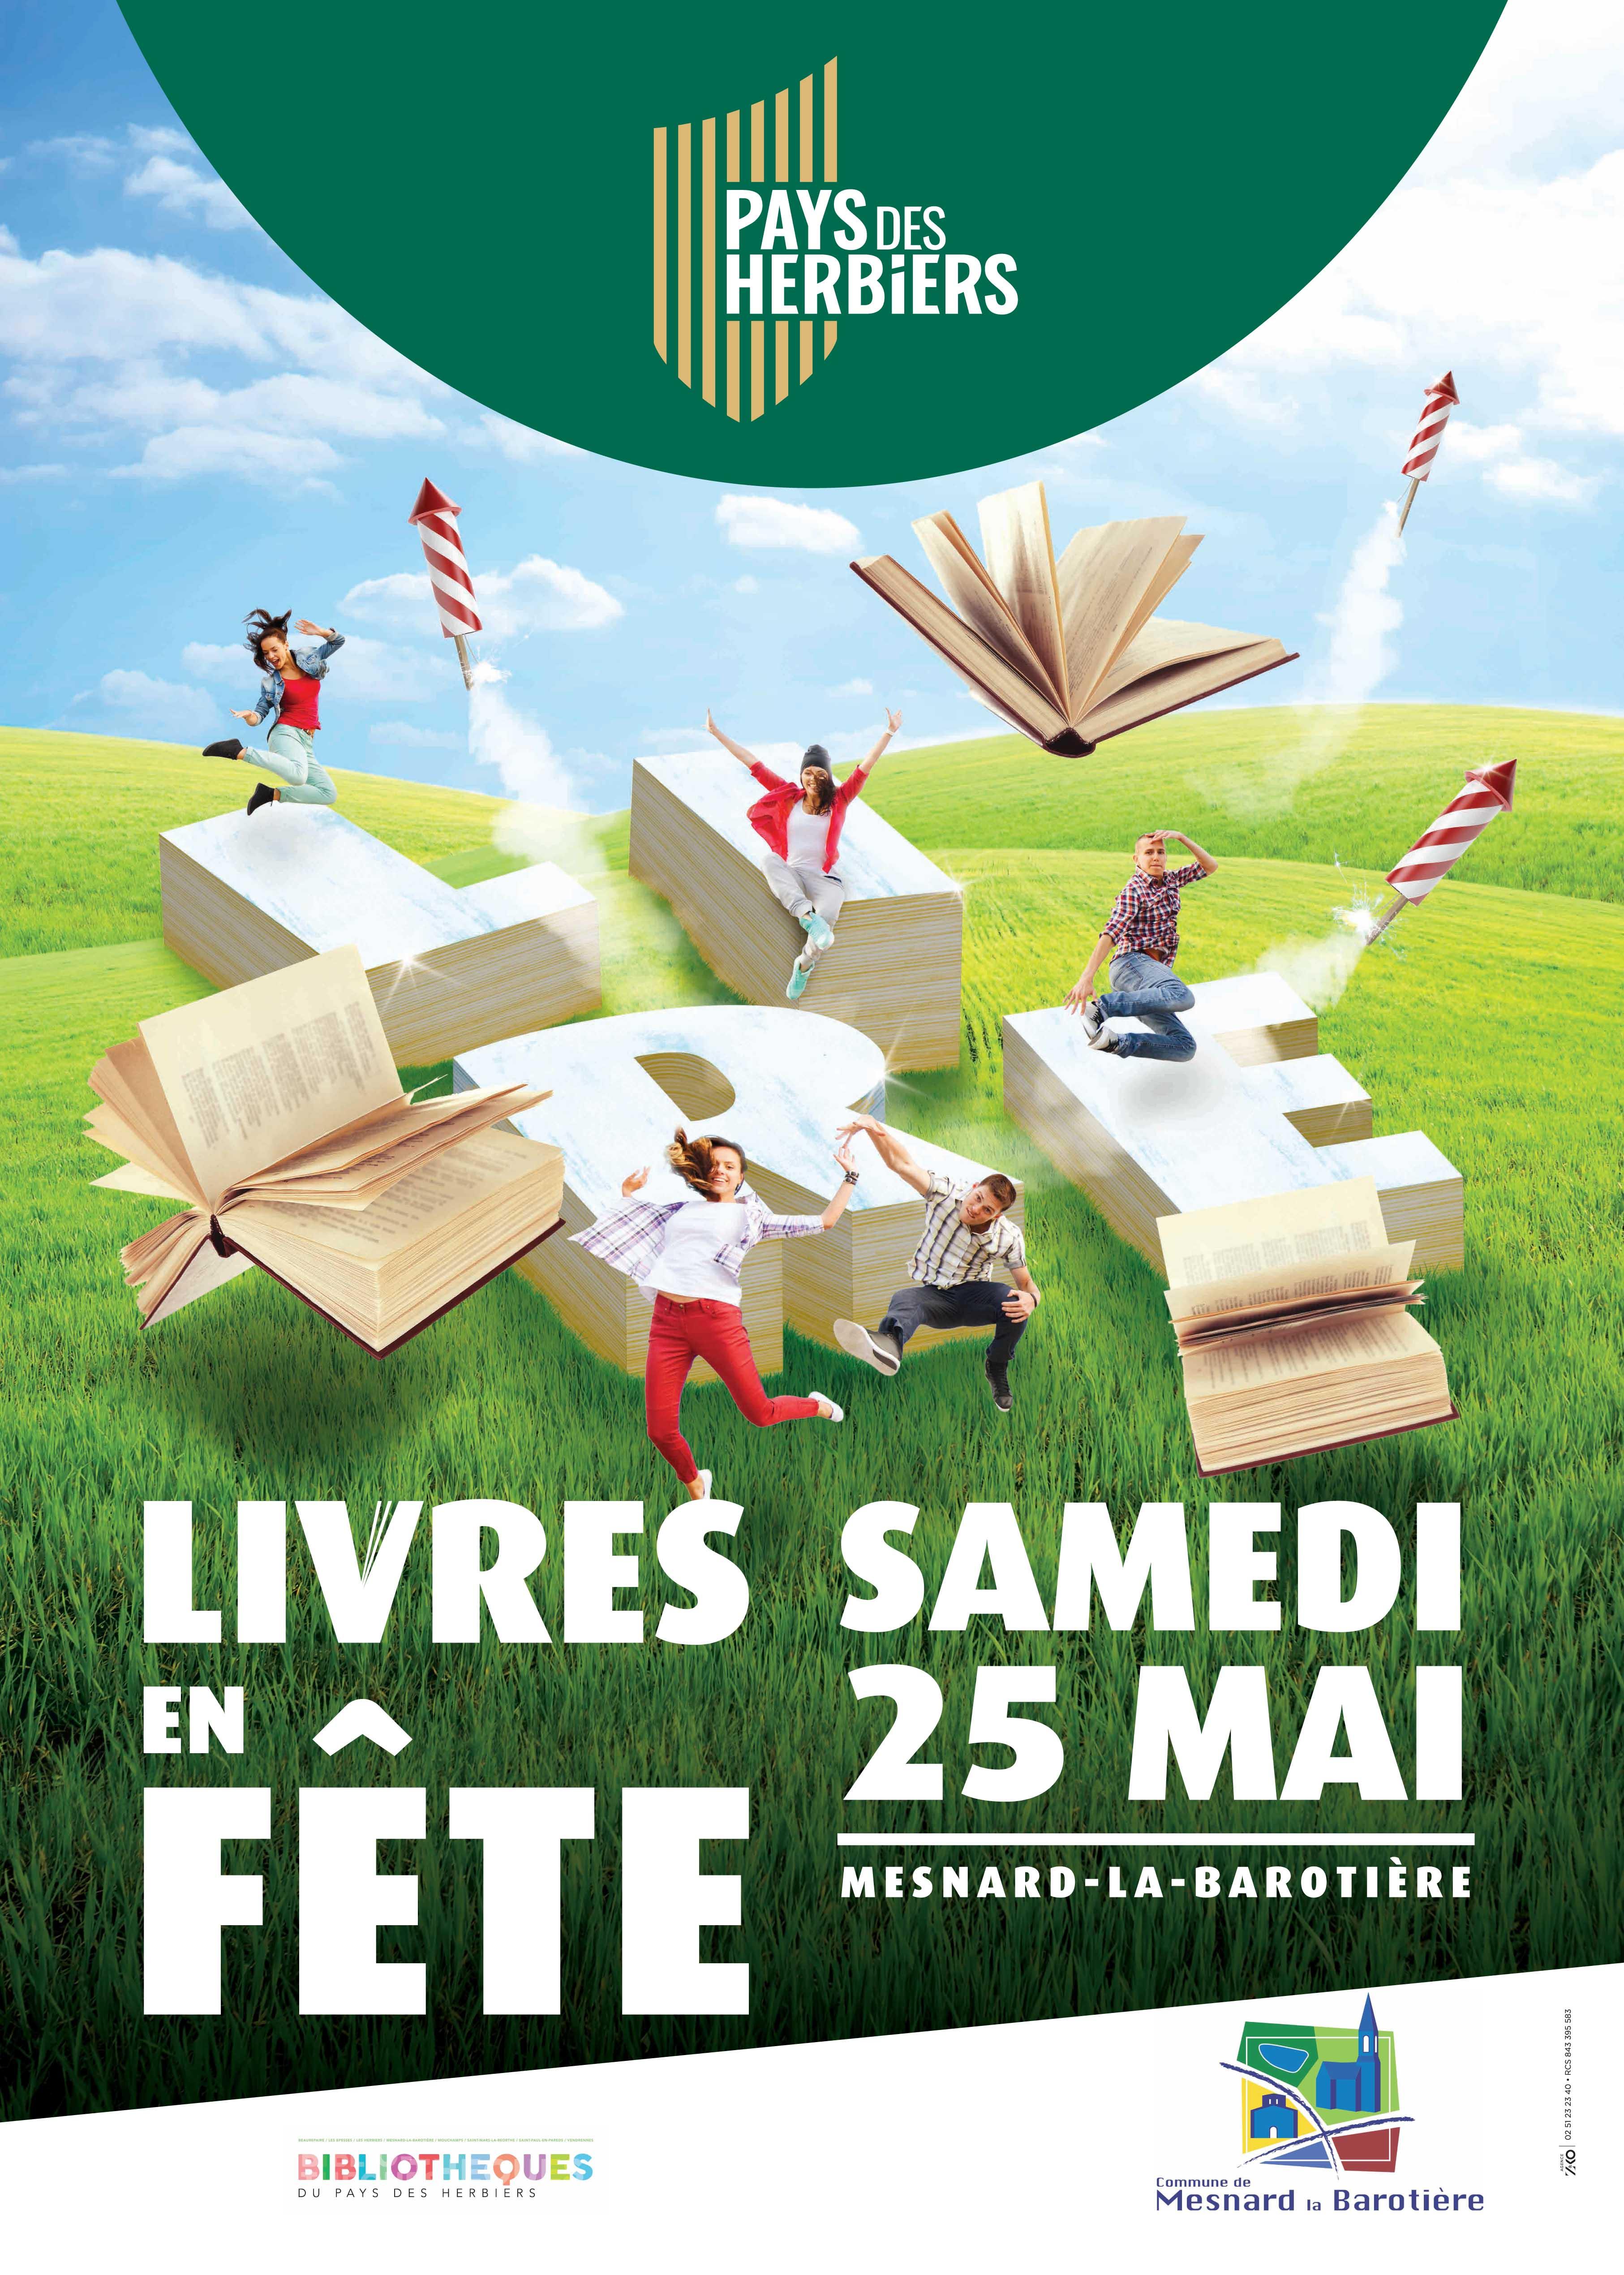 La Valise Rouge Les Herbiers livres en fête